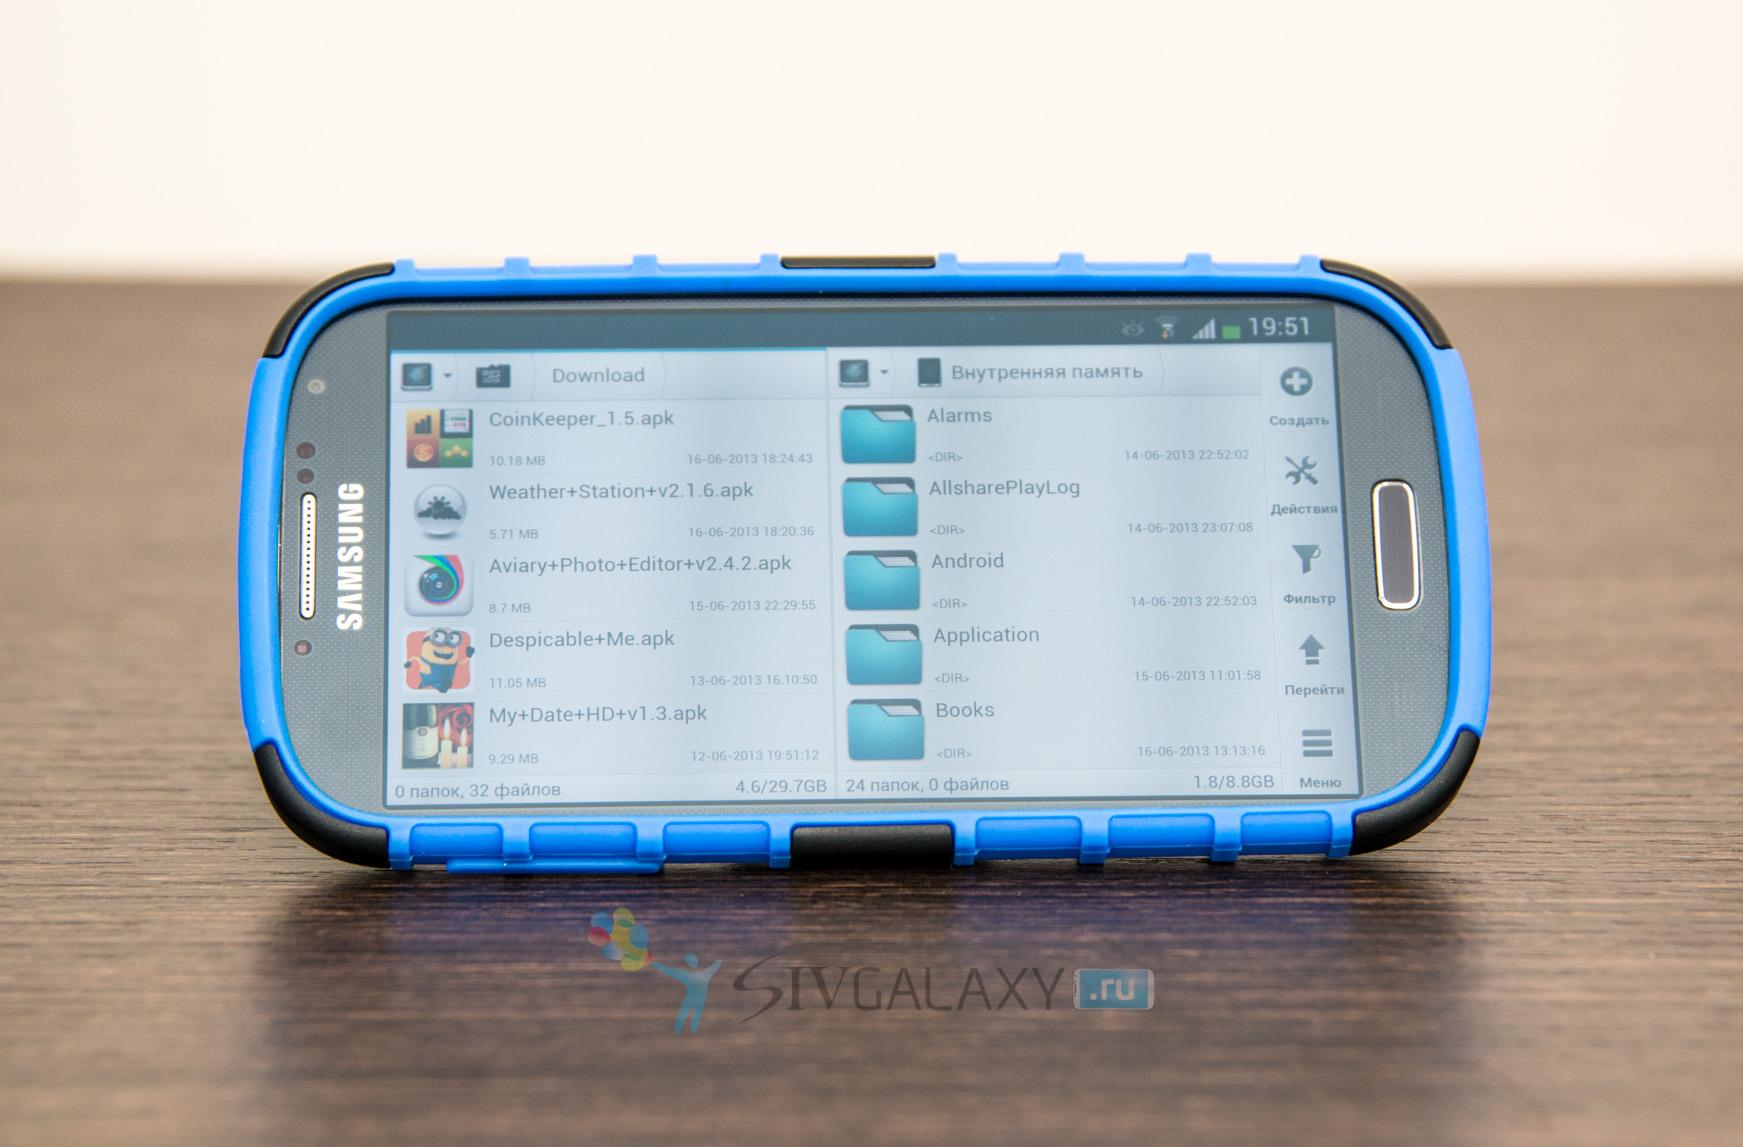 Чехол и кобура для Galaxy S4 i9500